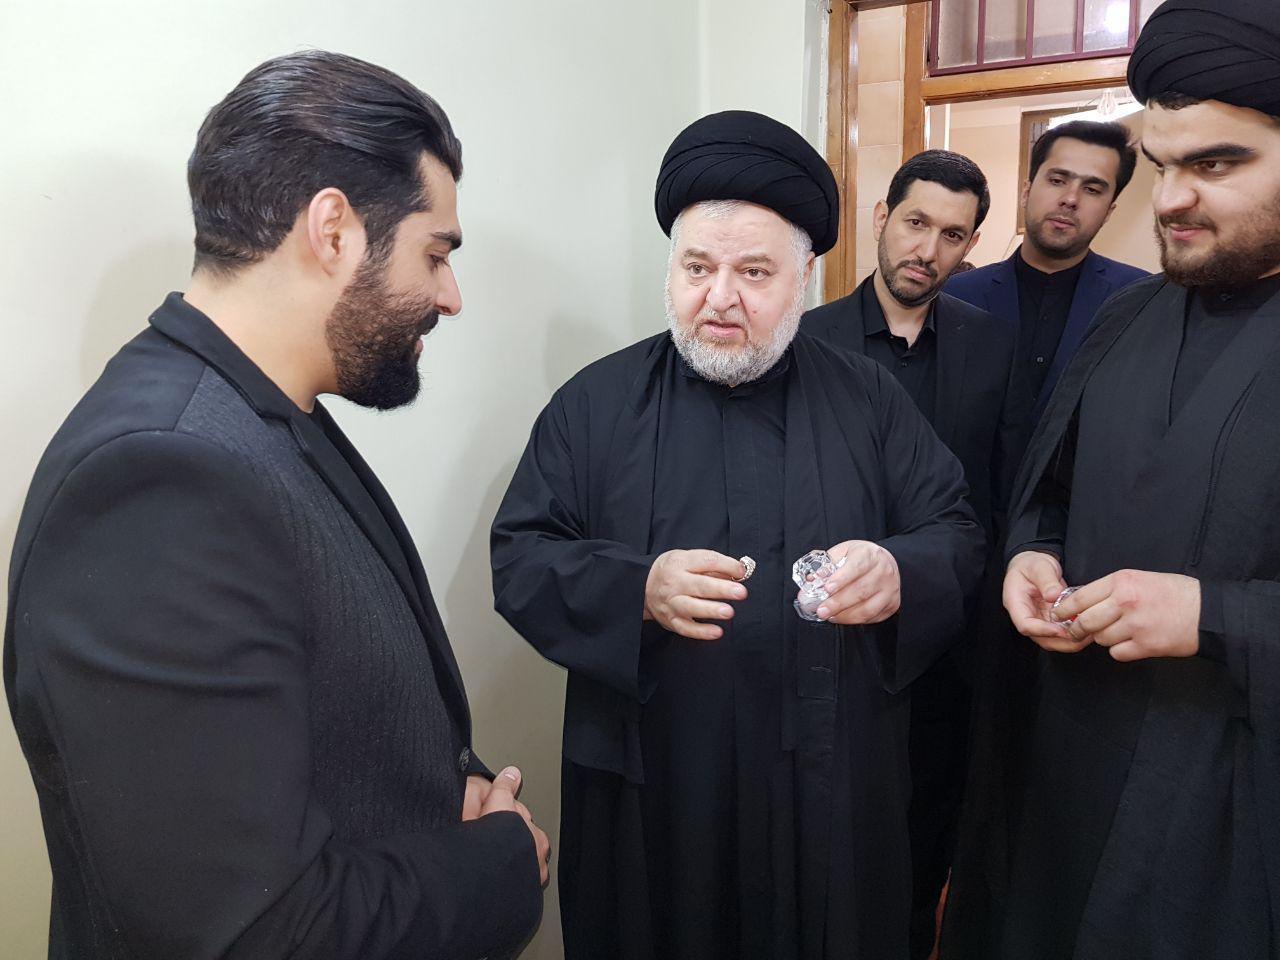 حجت الاسلام شهرستانی